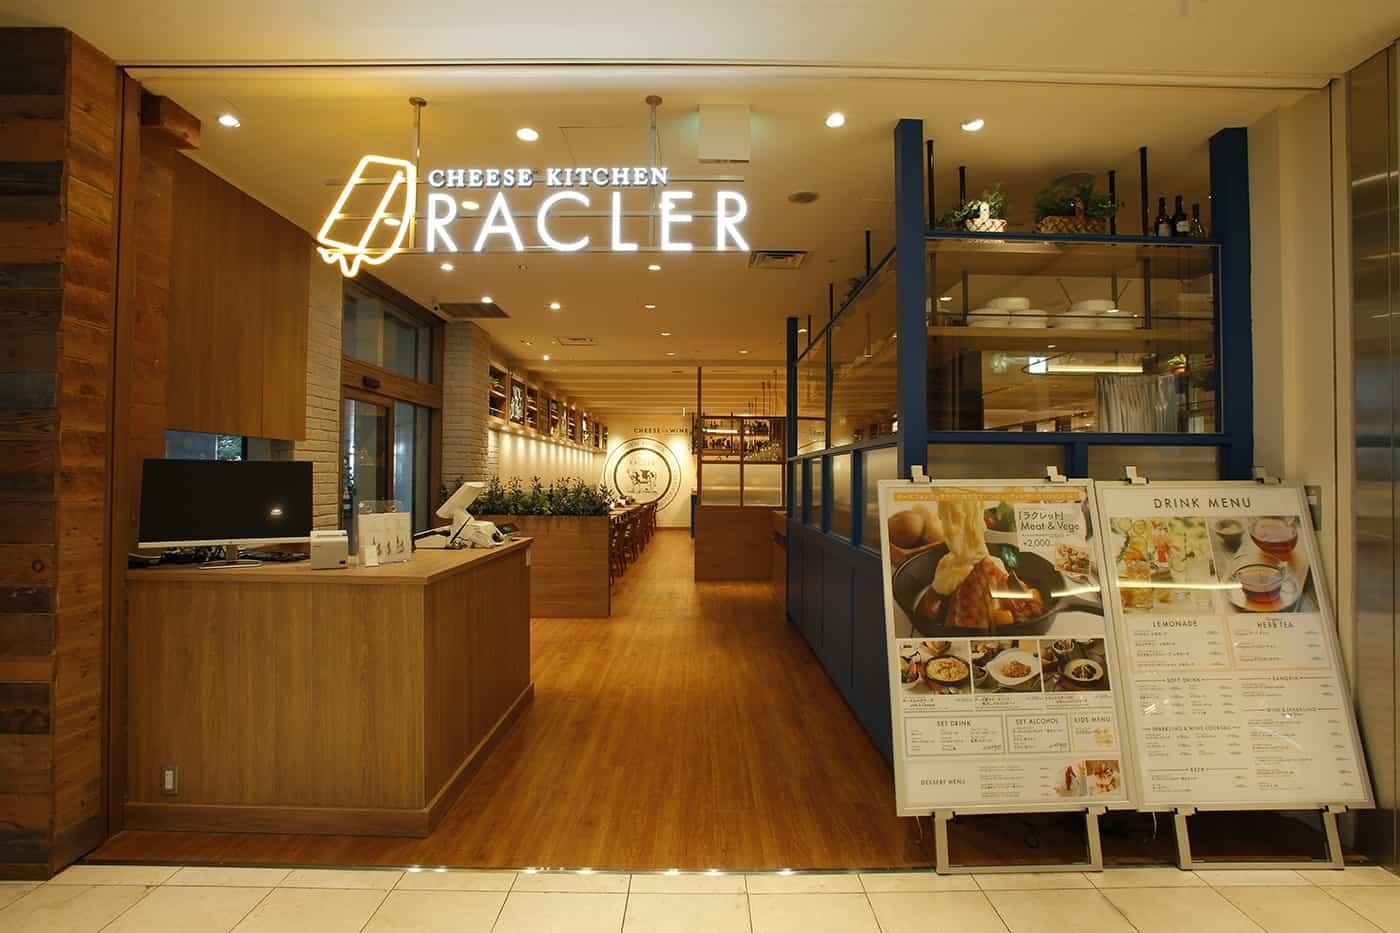 ร้านบุฟเฟ่ต์จากย่าน ชินจูกุ (Shinjuku) - CHEESE KITCHEN RACLER (チーズキッチン ラクレ)